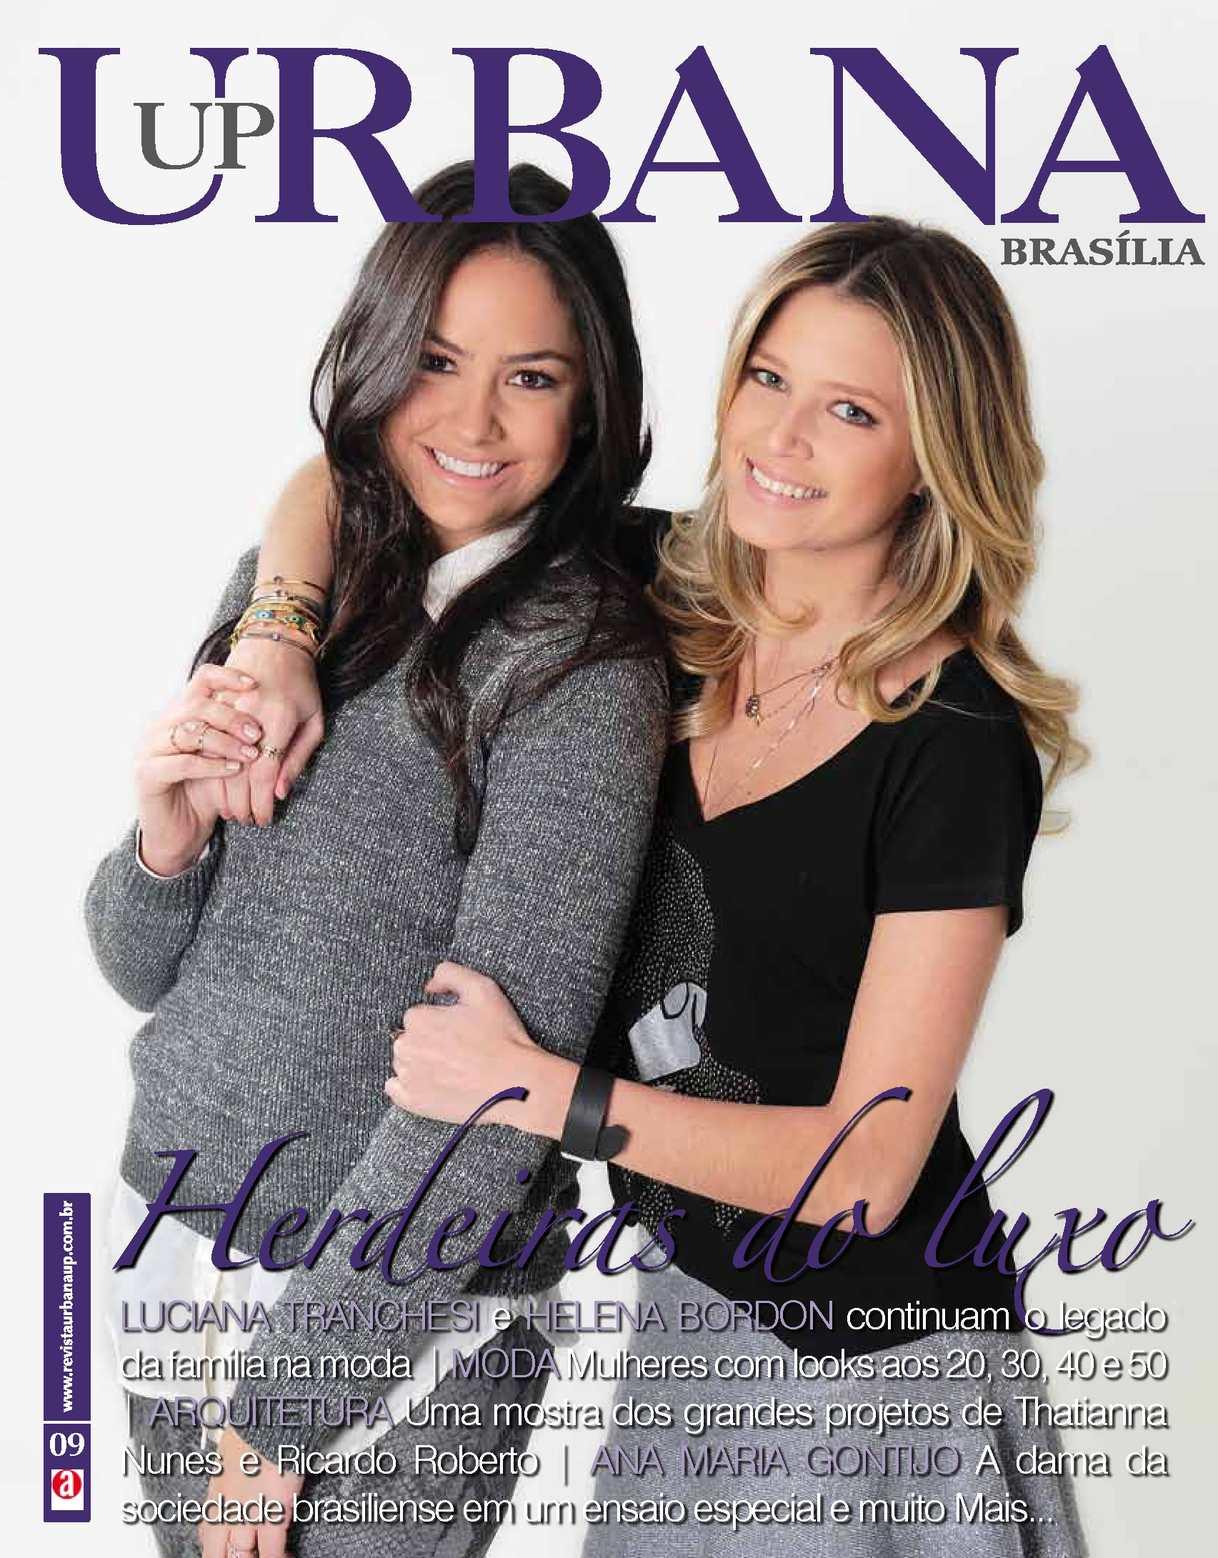 e58b0531ec489 Calaméo - Revista Urbana Up - 9ª edição